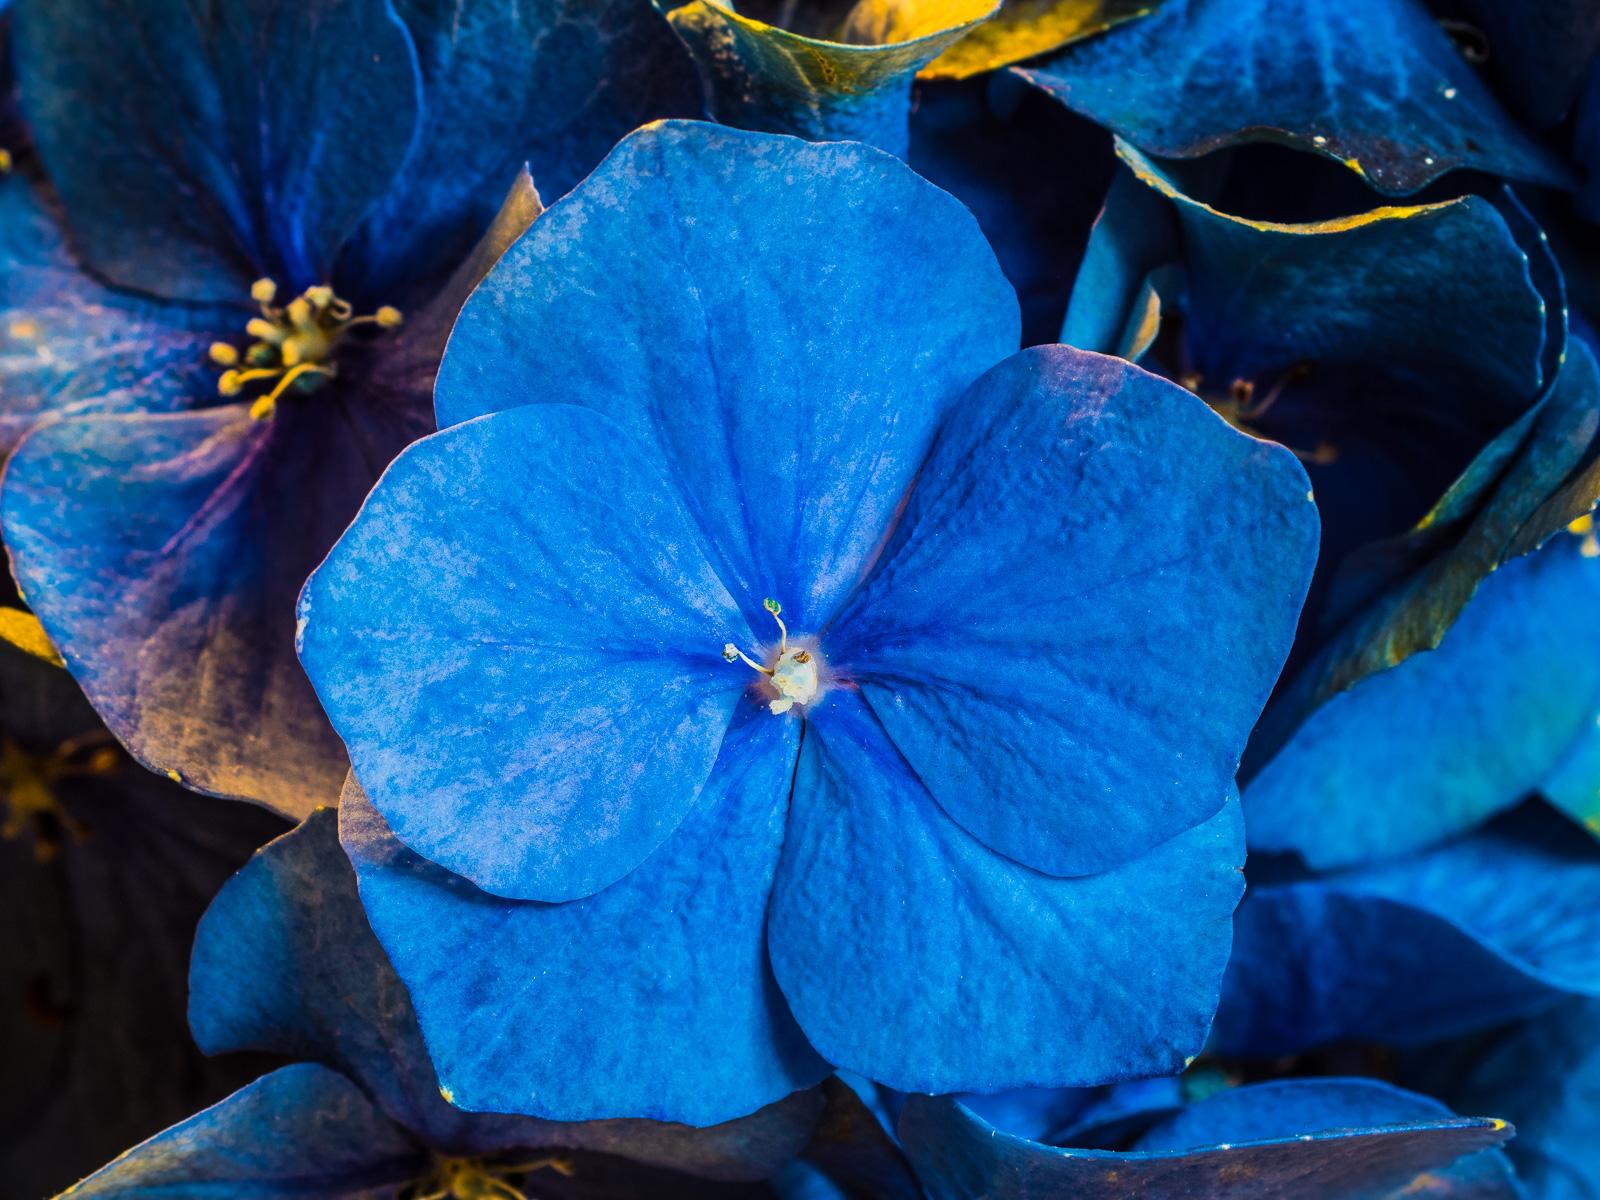 Blaue Hortensienblüte unter Kunstlicht